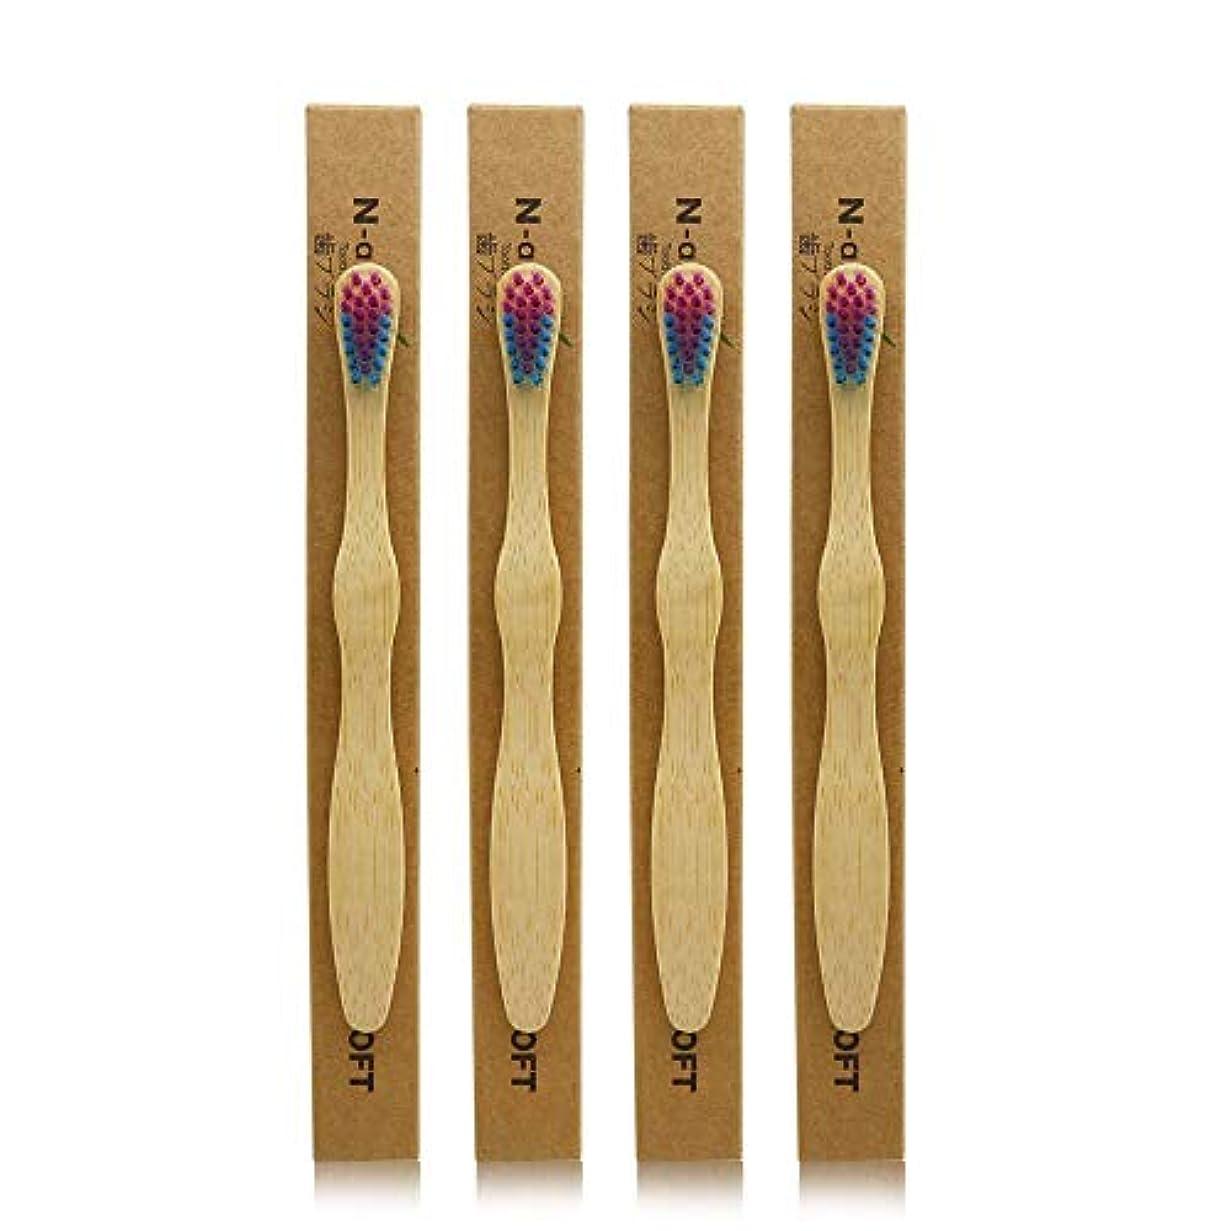 願う駅家事をするN-amboo 竹製耐久度高い 子供 歯ブラシ エコ 4本入り セット むらさきいろ